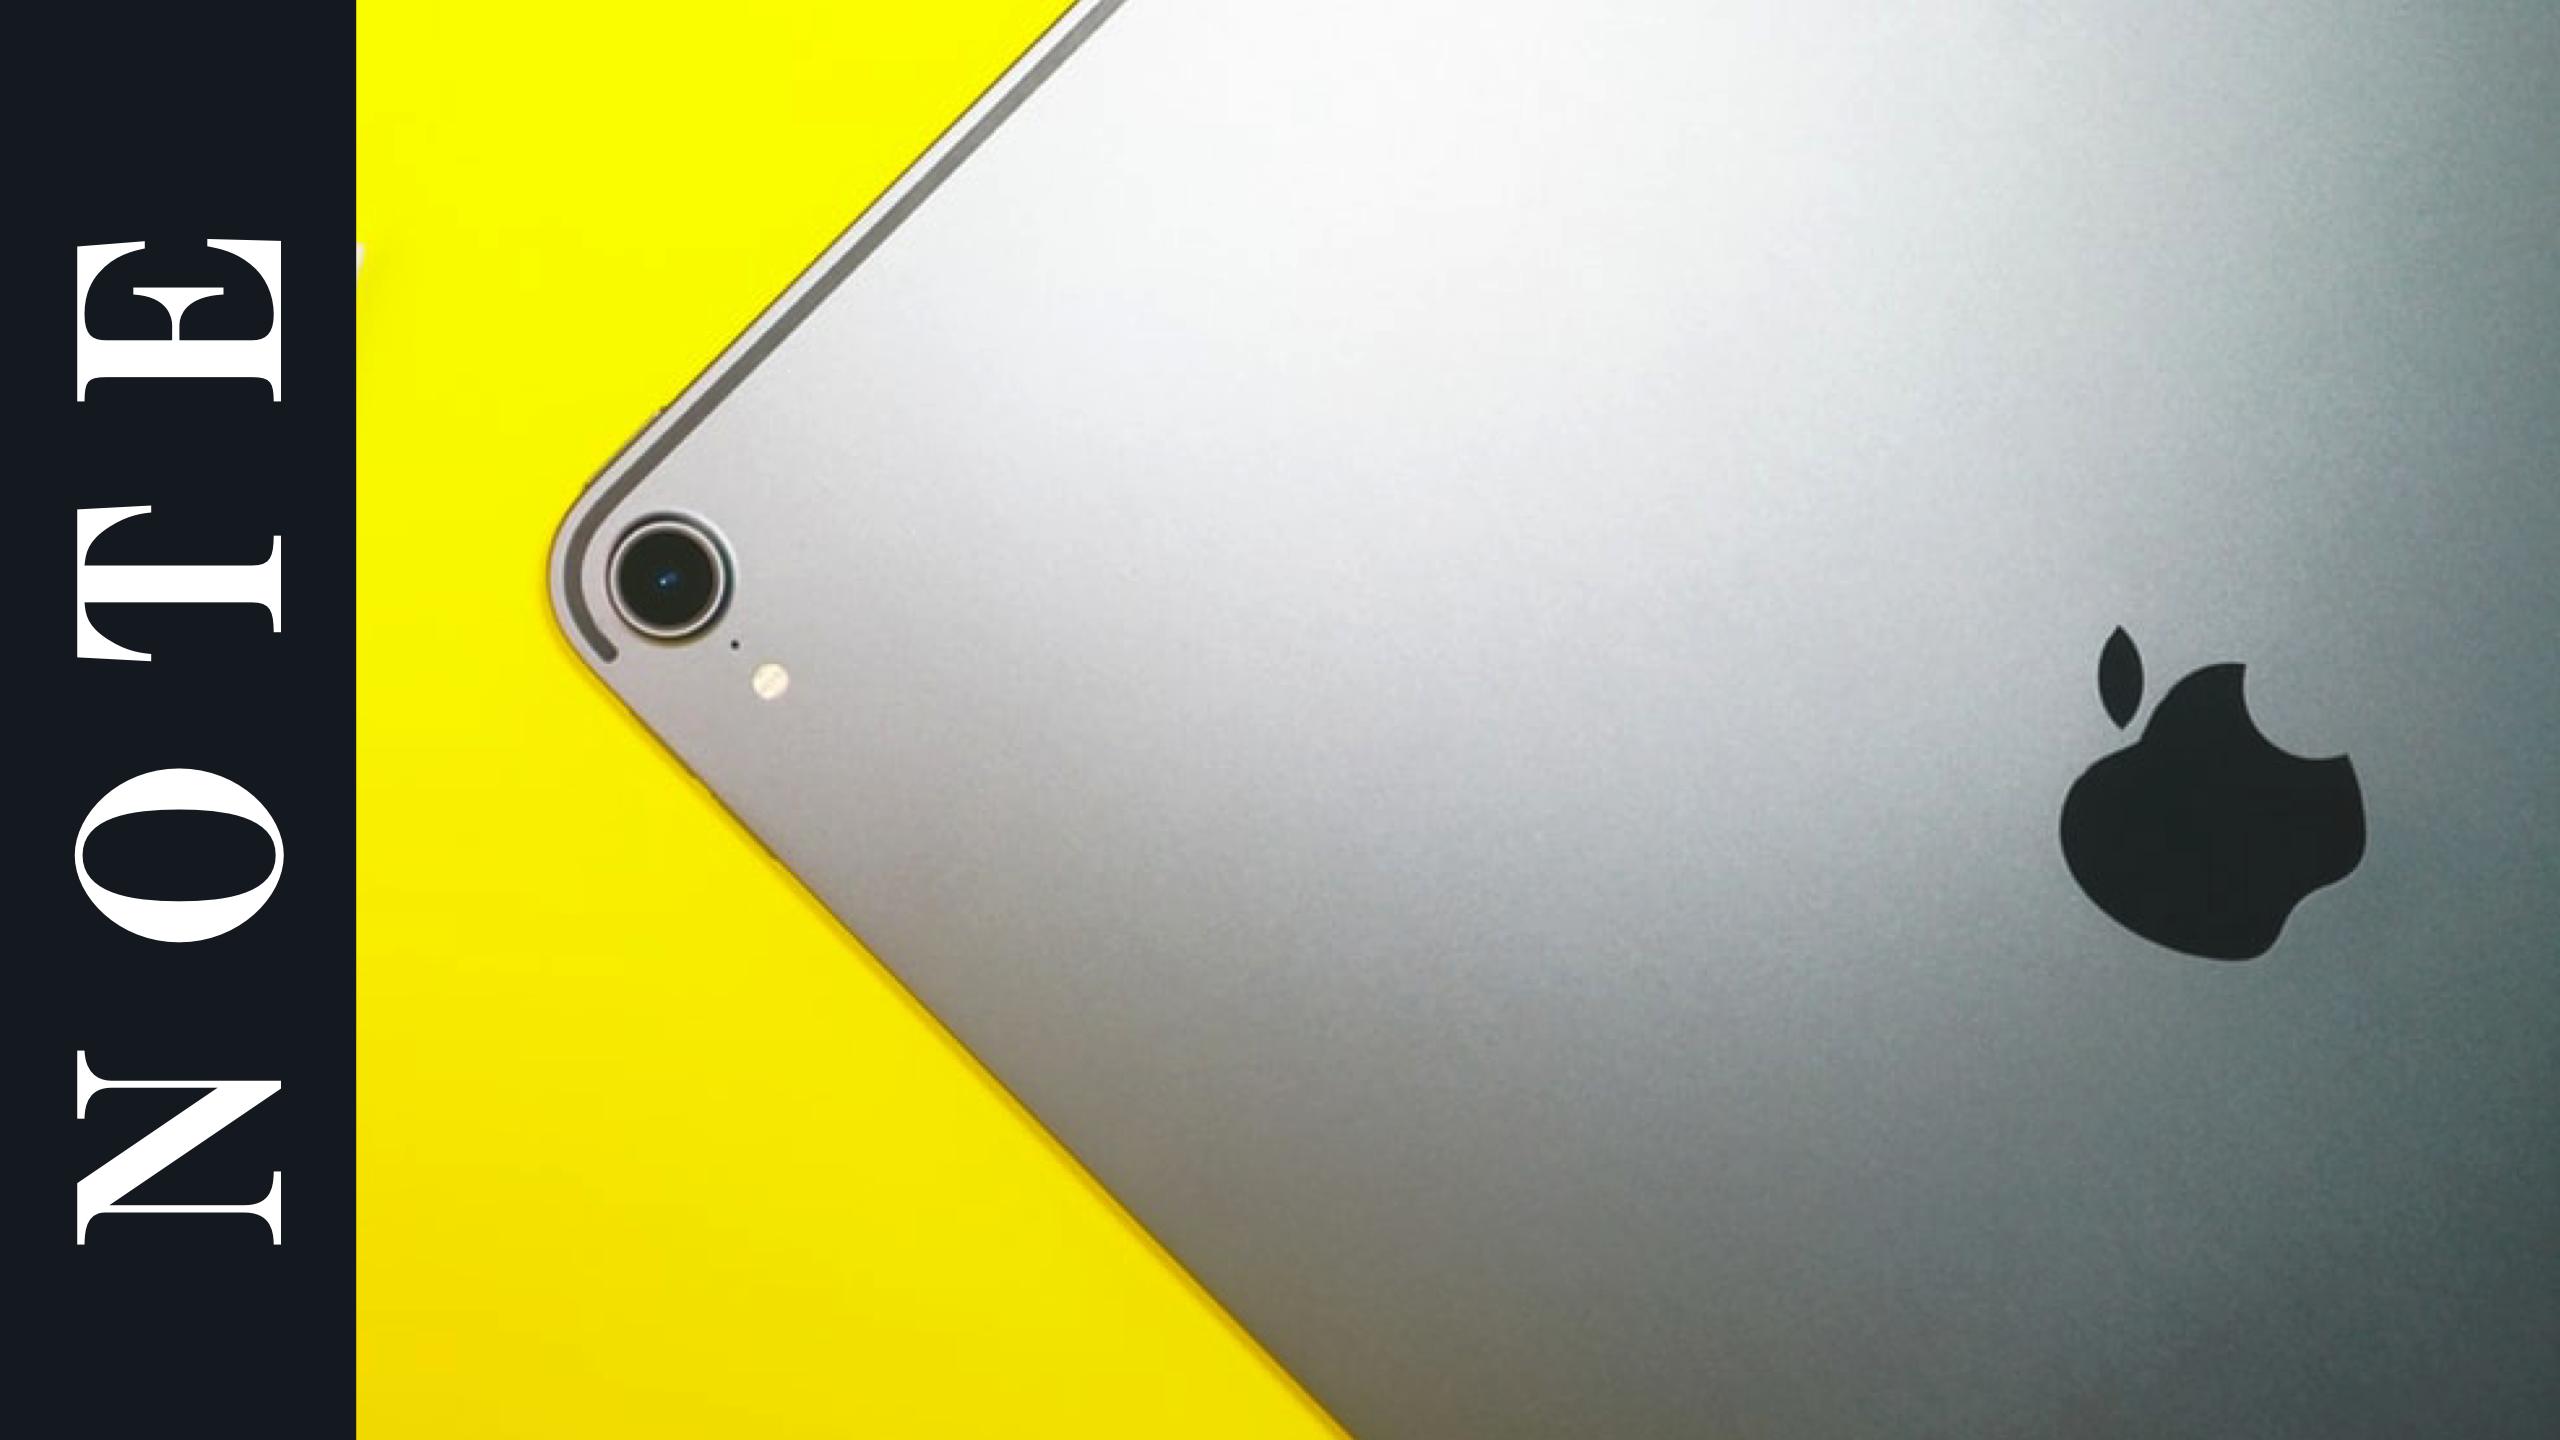 iPadは大学生のノートに使える?メリット・デメリットとおすすめアプリを解説